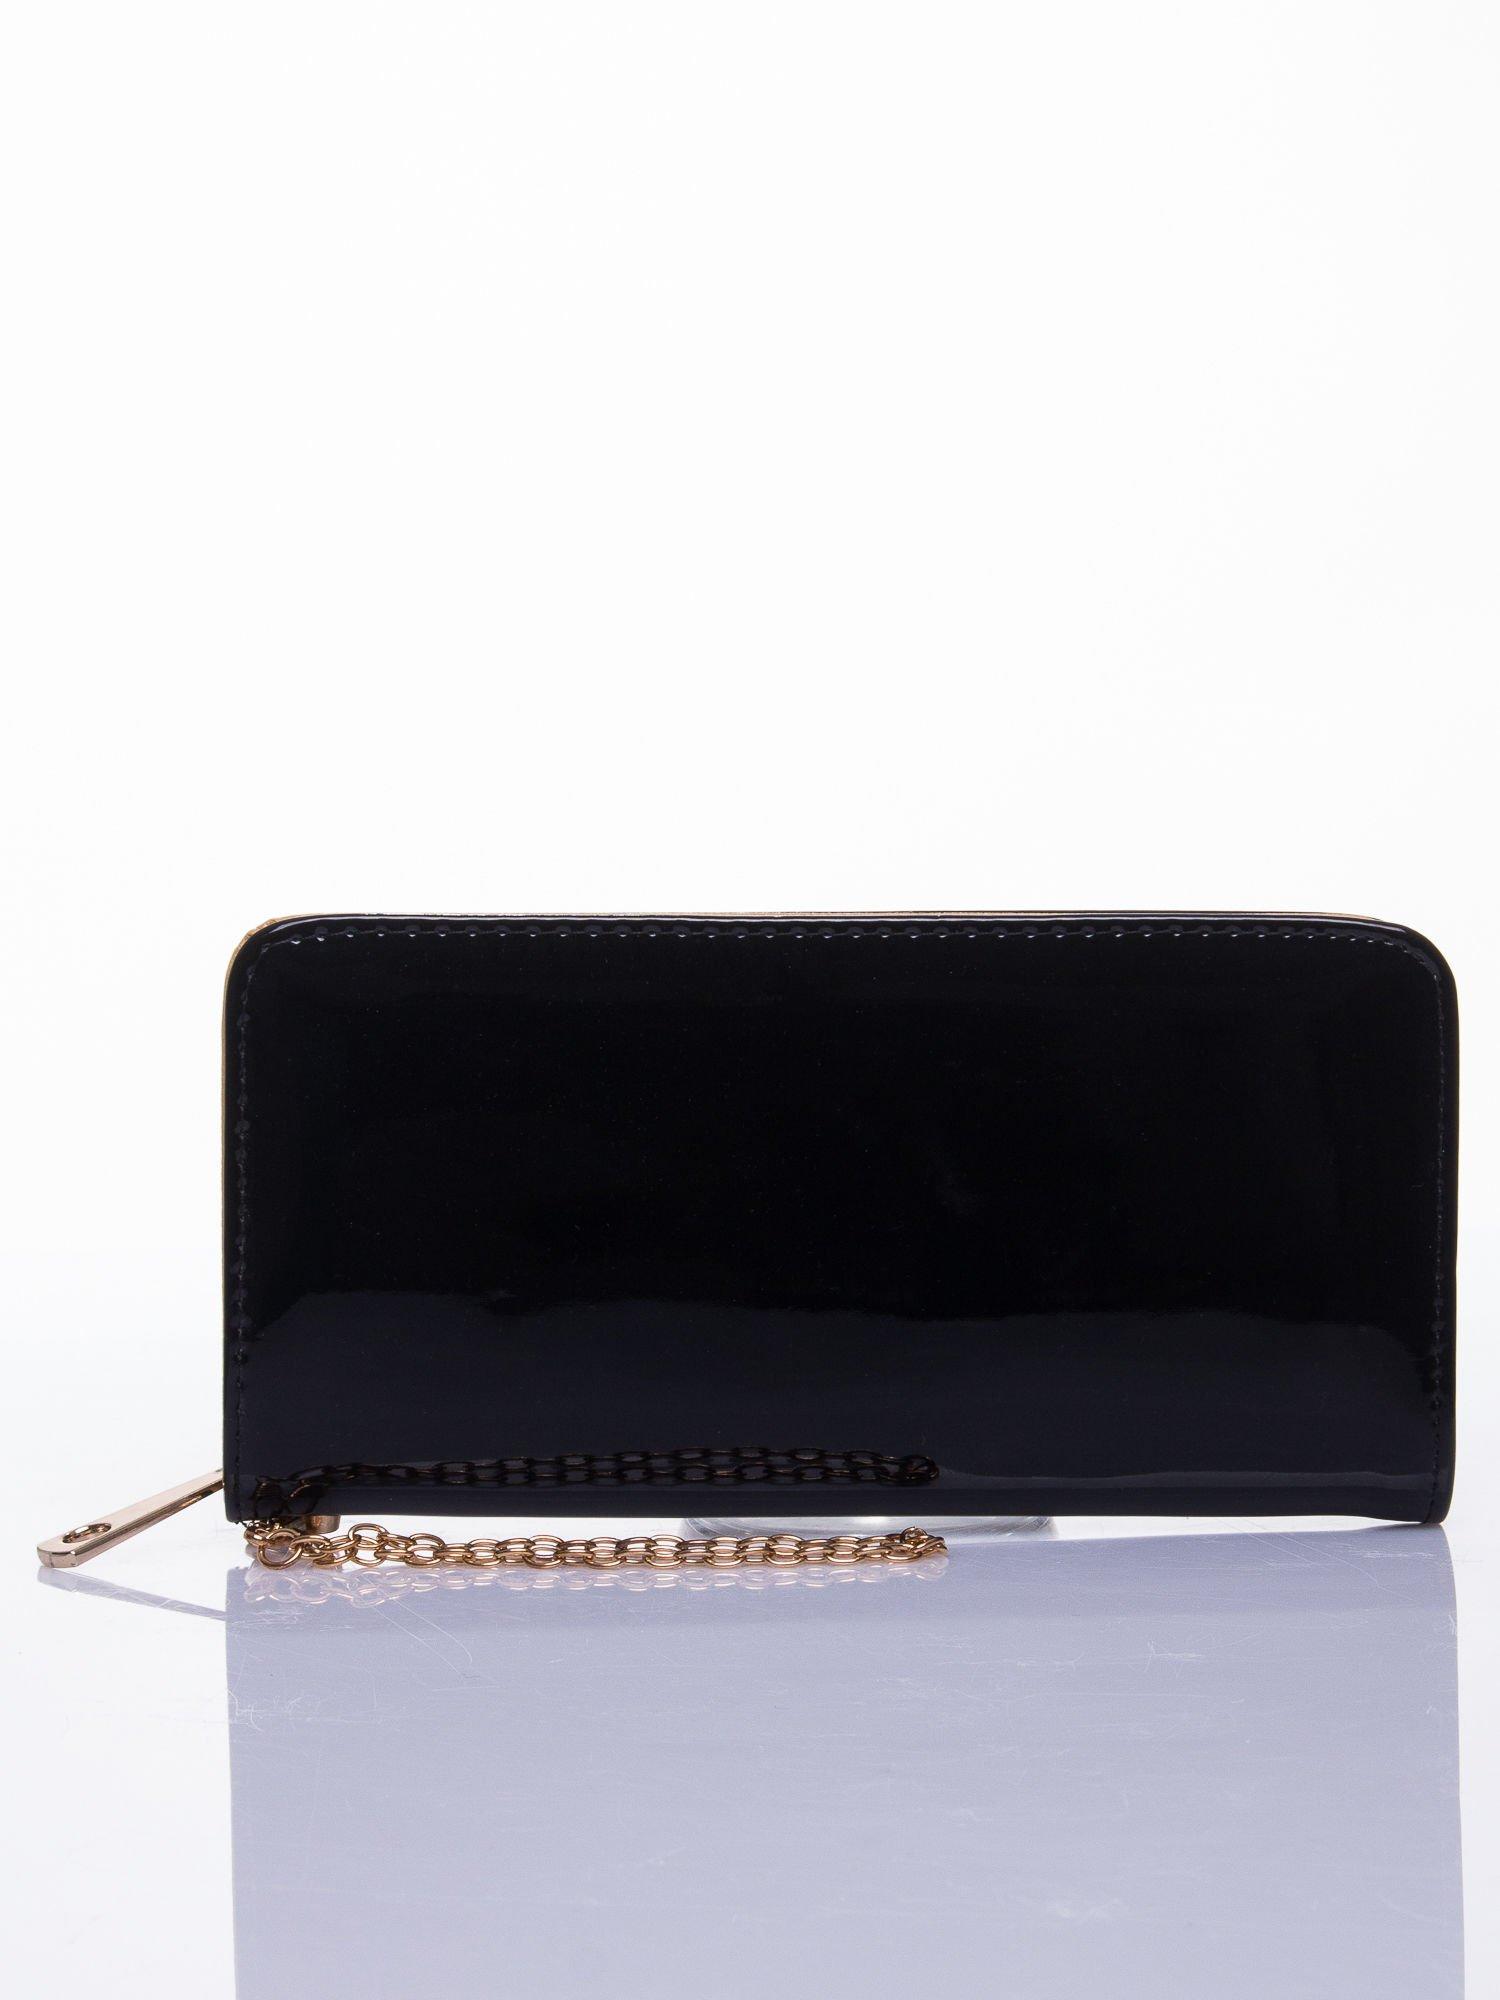 Czarny lakierowany portfel z odpinanym złotym łańcuszkiem                                  zdj.                                  1